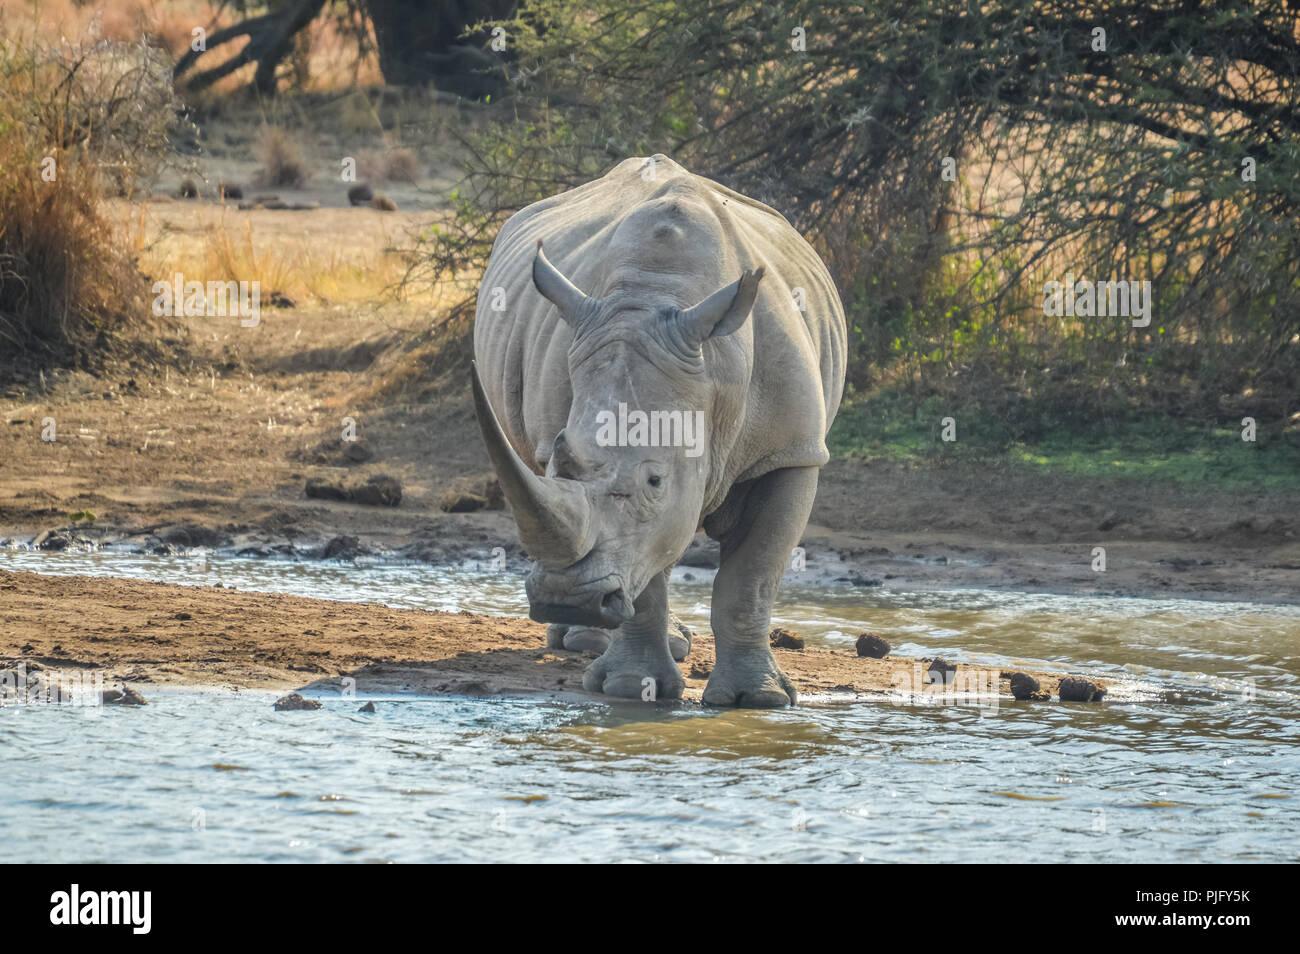 Un lindo macho bull White Rhino o rinoceronte bebiendo agua de una represa en el Parque Kruger Safari Foto de stock